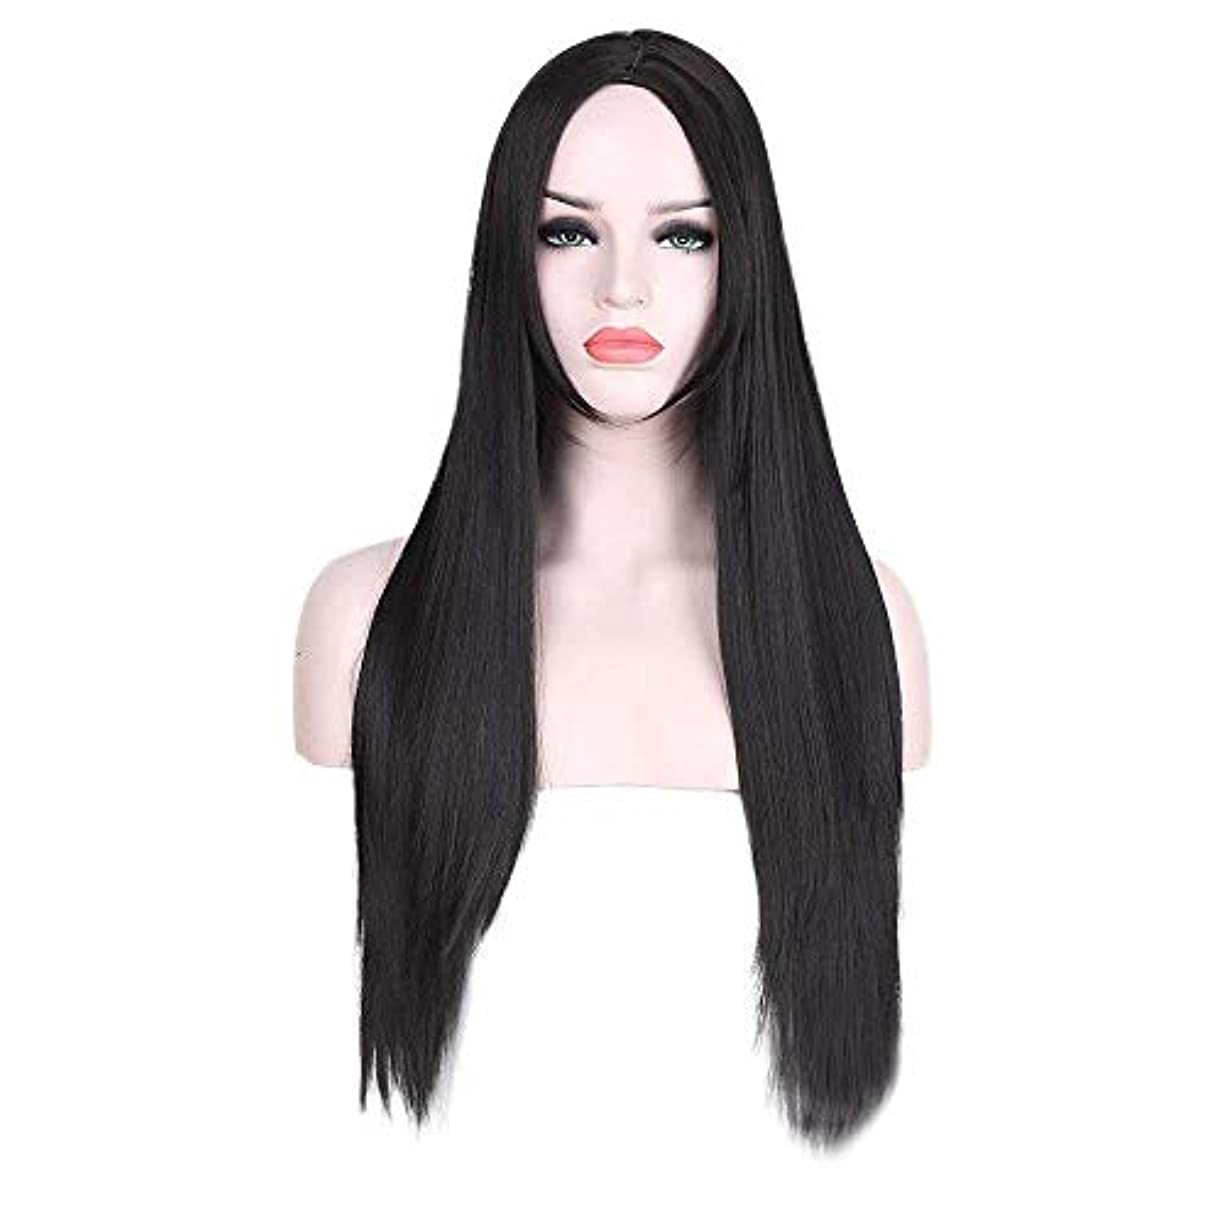 虫笑い飲み込むWASAIO スタイル交換用ウィッグブラックロングストレートヘアアクセサリーミドルパート女性耐熱繊維 (色 : 黒)